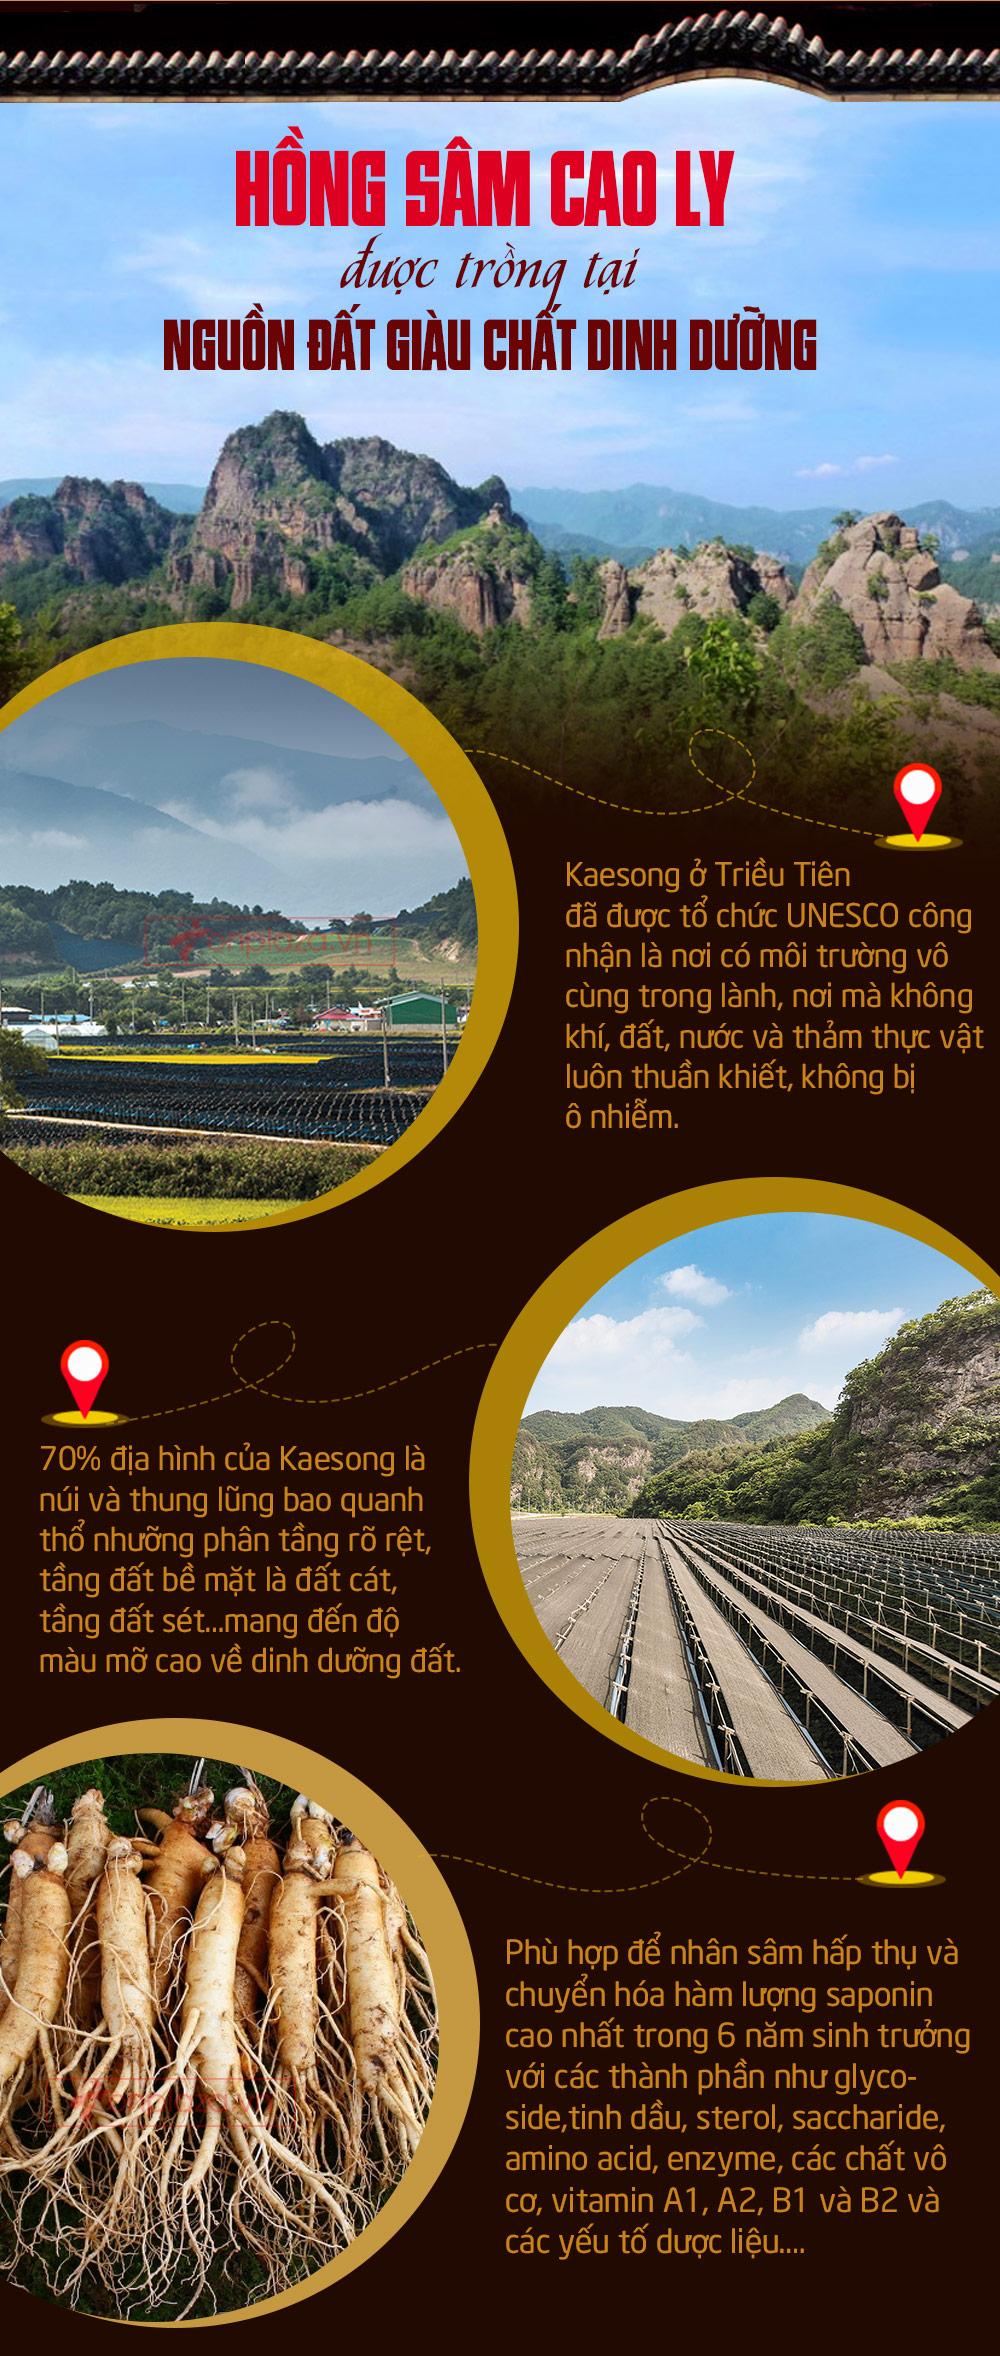 Hồng Sâm Cao Ly Triều Tiên 6 Năm Tuổi Nhập Khẩu Hộp Thiếc 75g